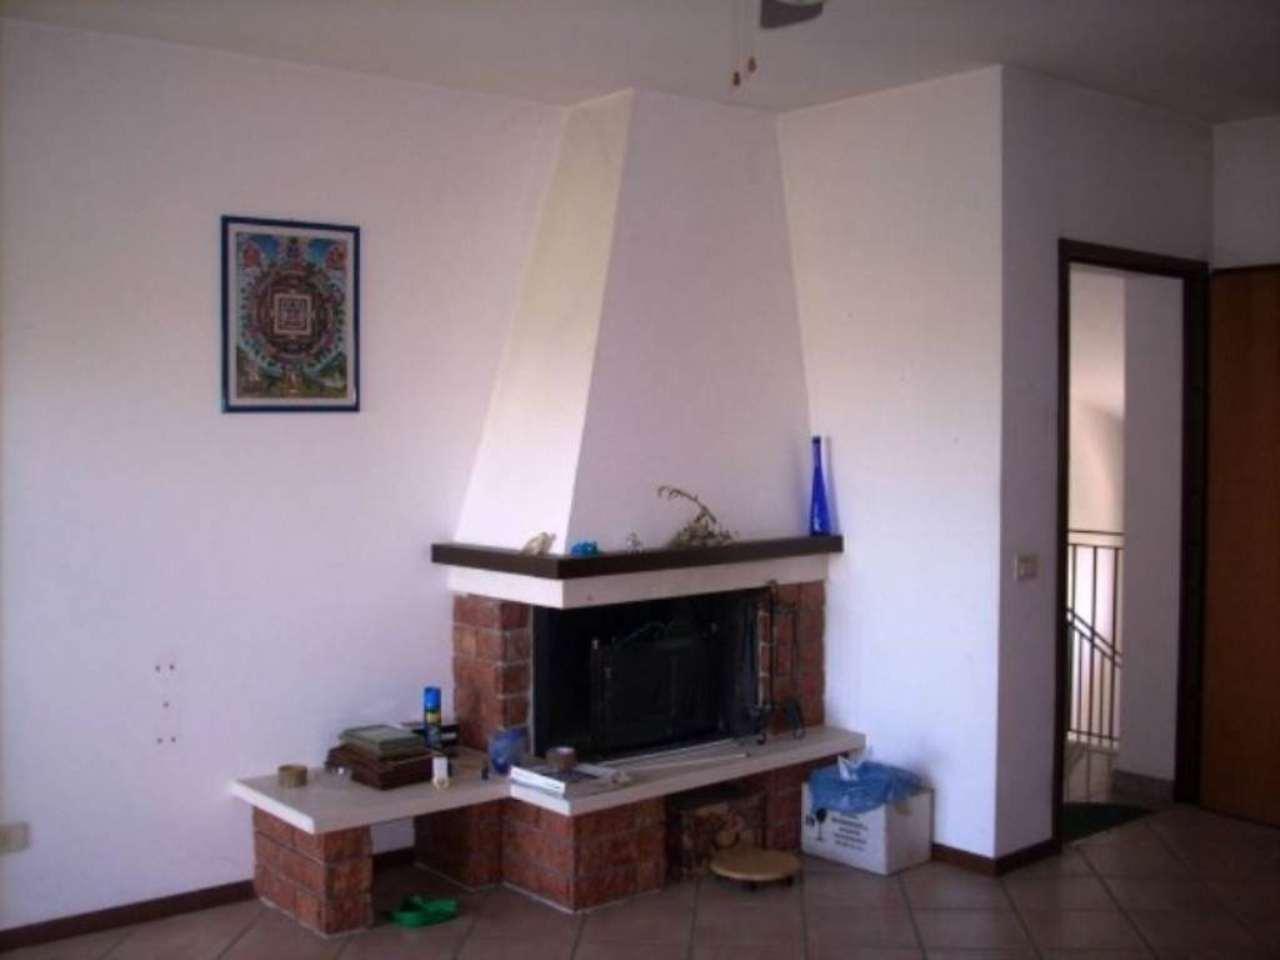 Appartamento in vendita a Mozzanica, 3 locali, prezzo € 100.000 | CambioCasa.it